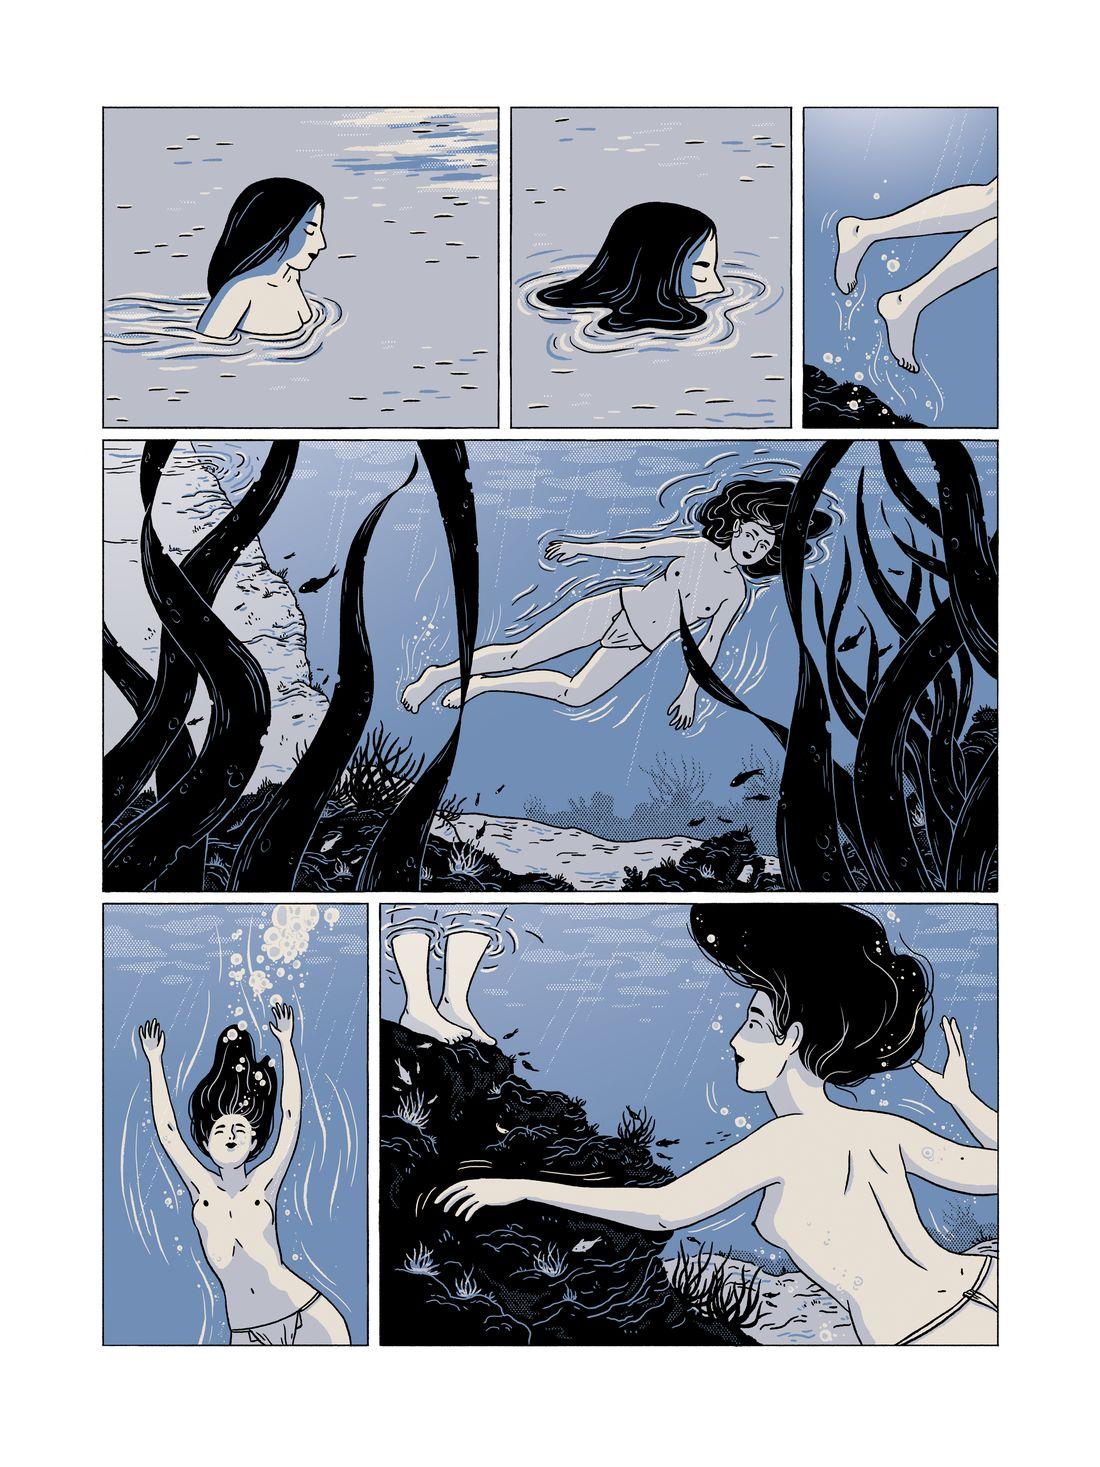 Ama - Le souffle des femmes, planche 27 finalisée © Sarbacane / Becq